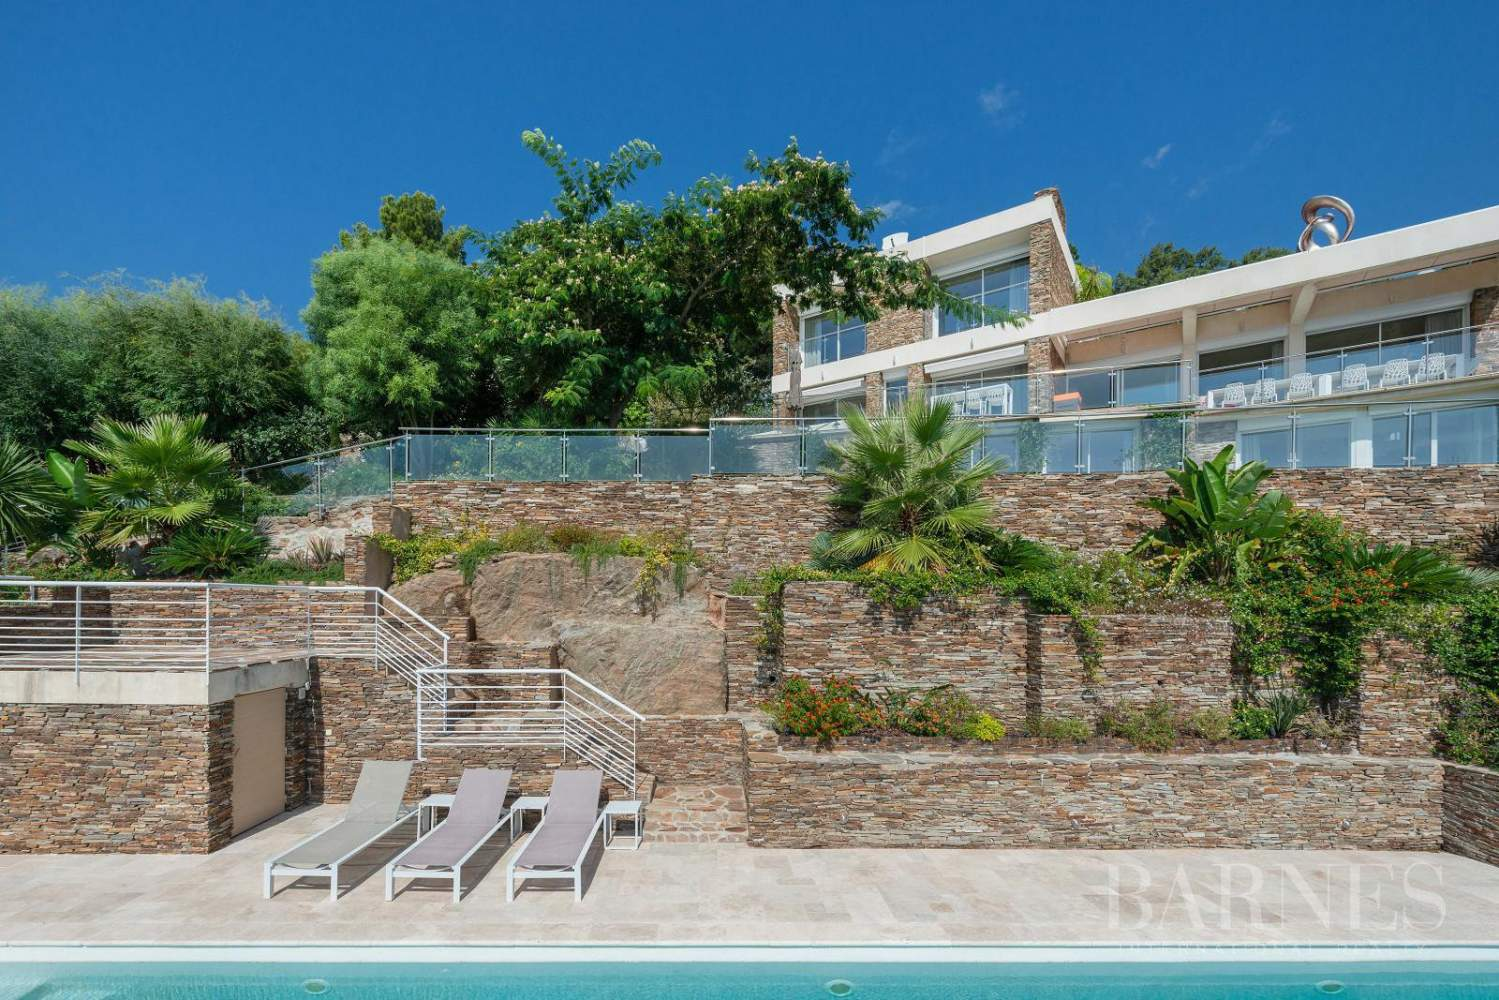 A vendre Le Lavandou villa 6 chambres vue mer panoramique - piscine picture 13